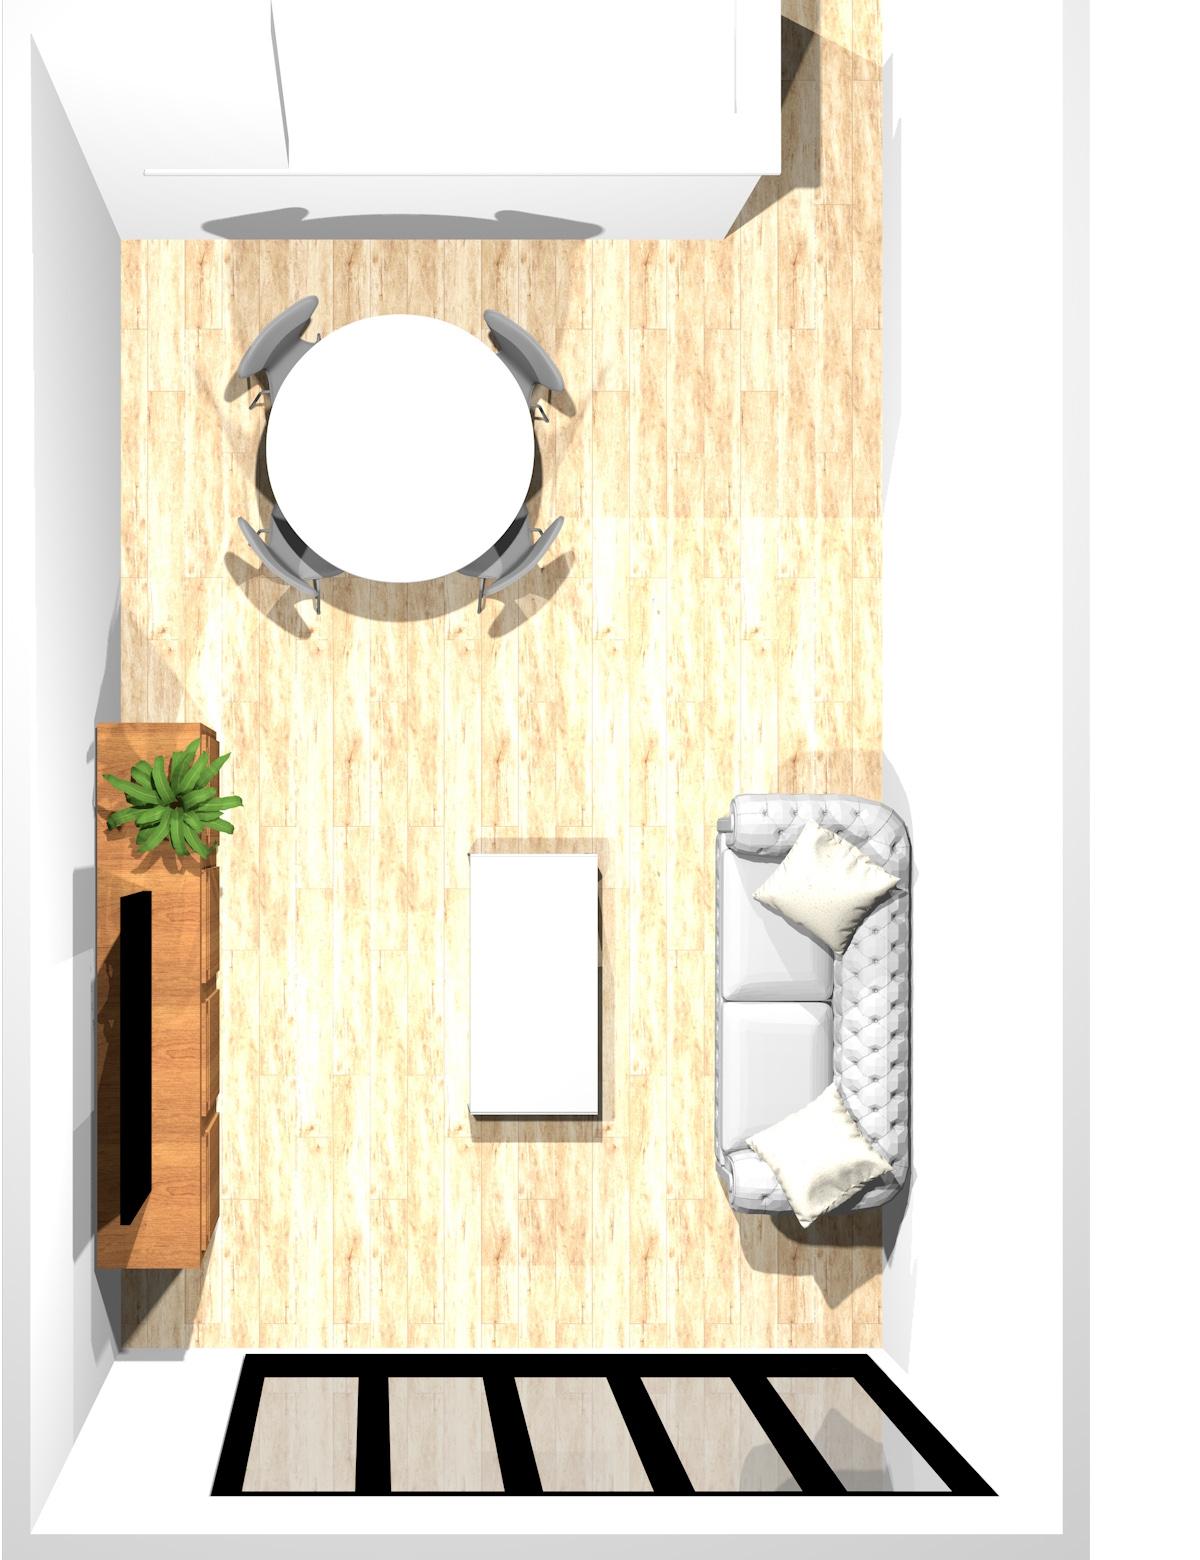 リビングとダイニングの家具の位置を揃えない12畳のリビングダイニング